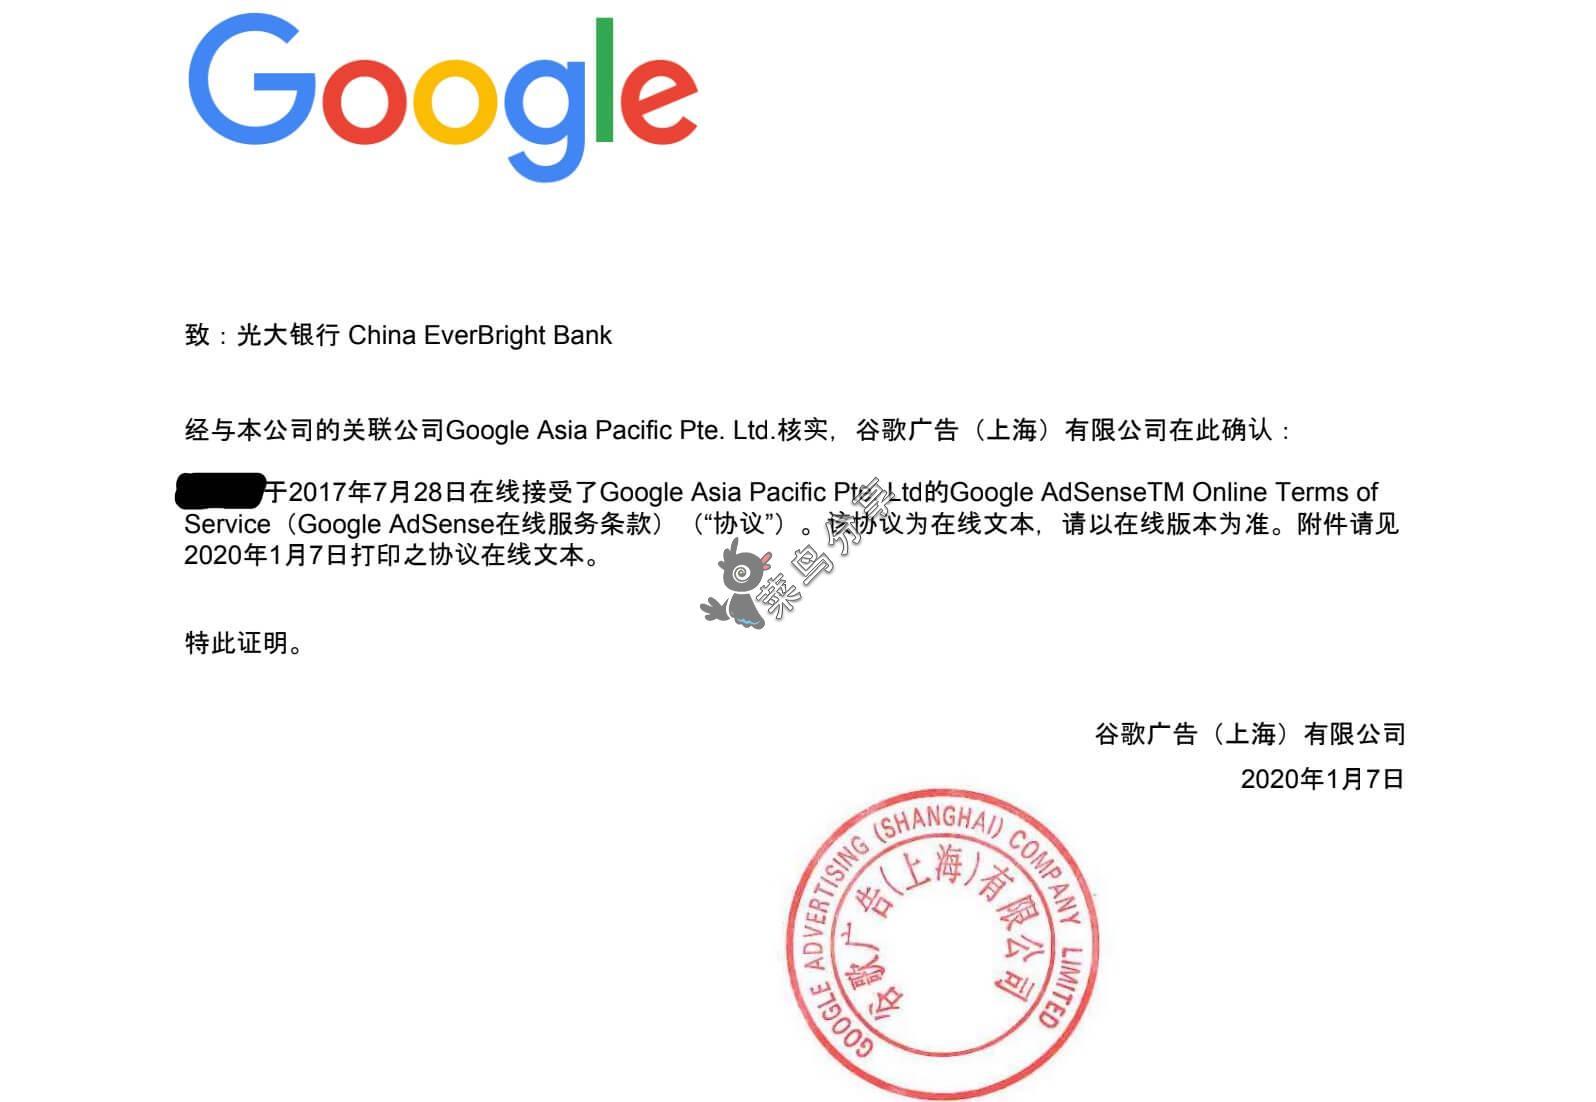 艰难的光大银行 西联收汇、电汇 Google AdSense 取金记